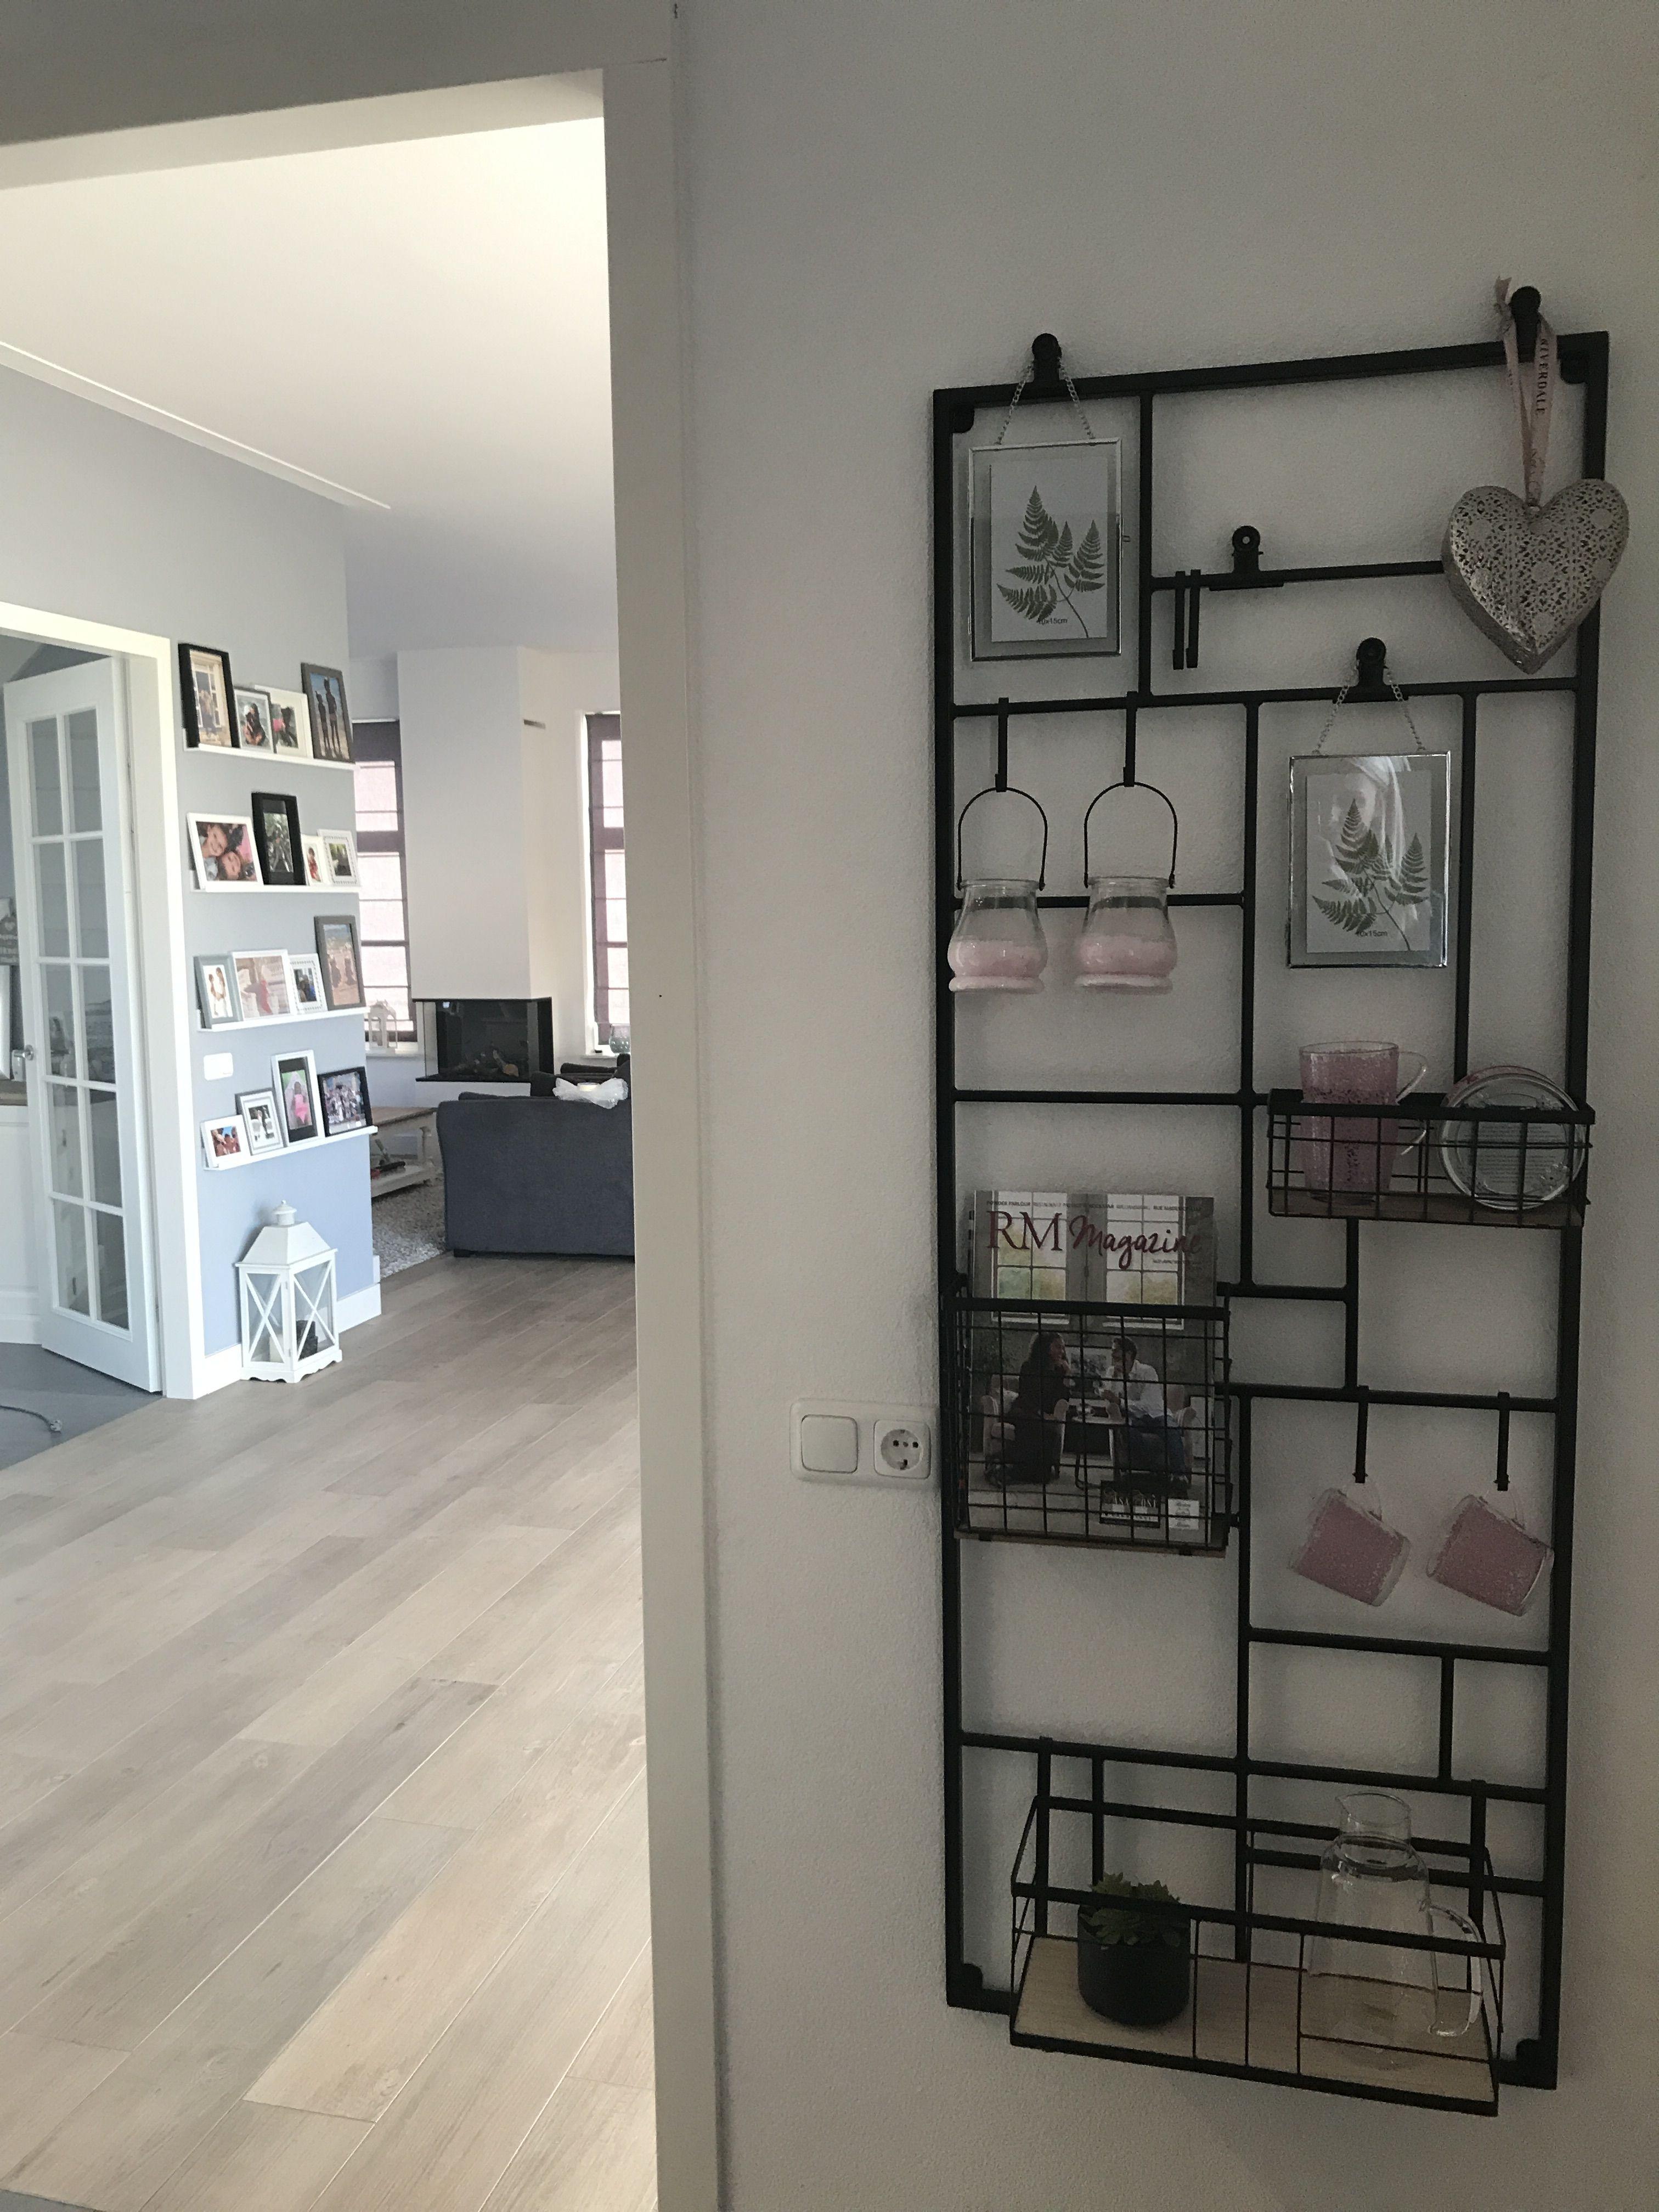 Ikea Rek Slaapkamerideeen Thuisdecoratie Huis Ideeen